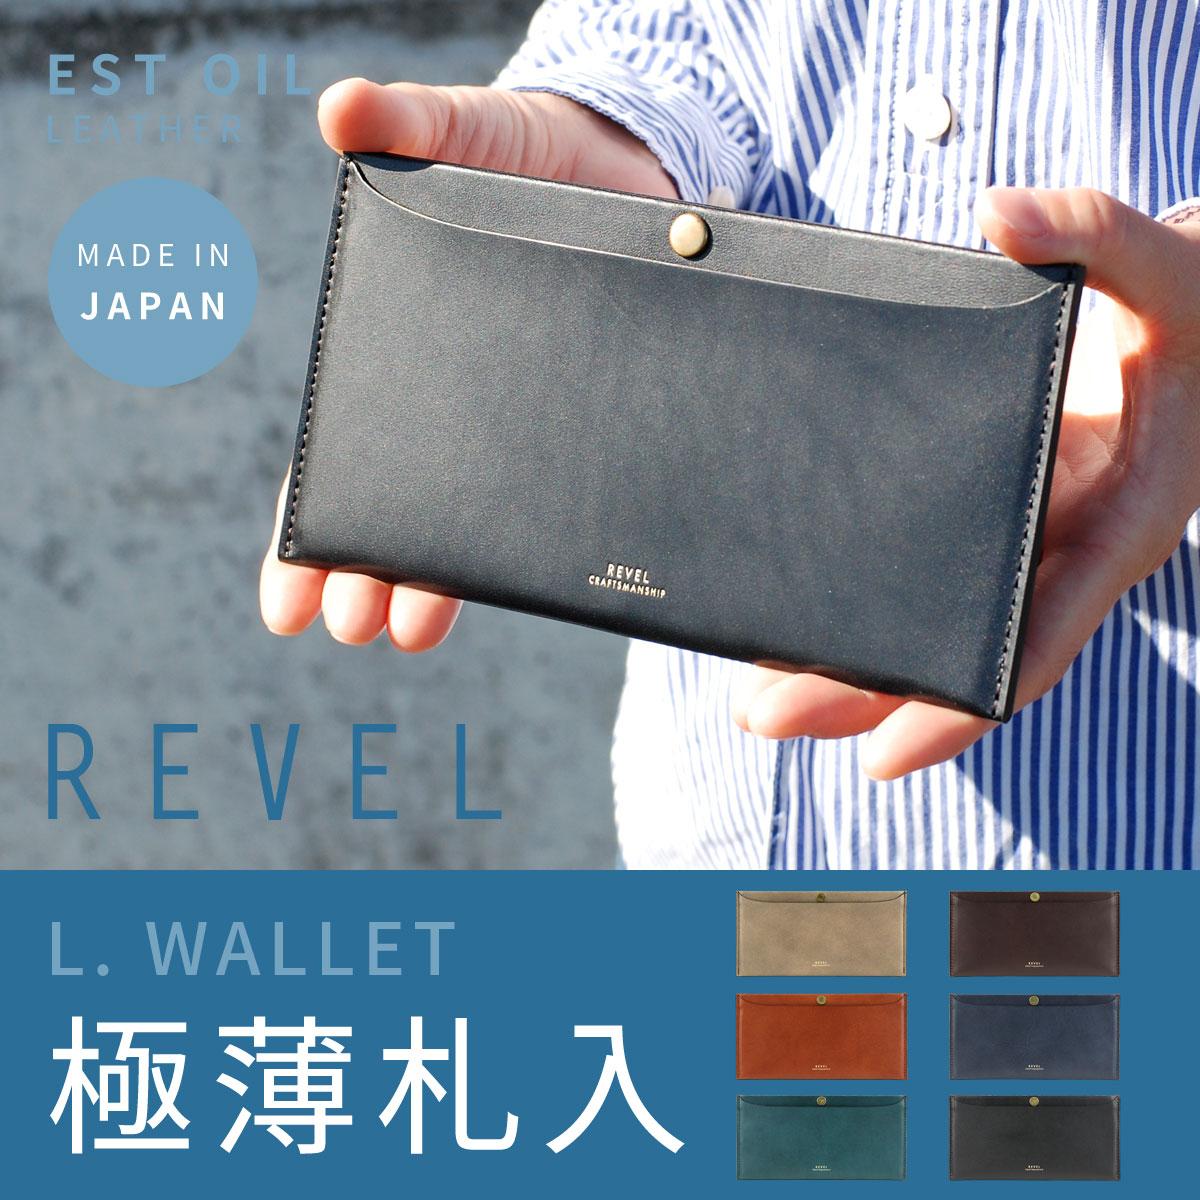 札入れ 小銭入れなし 長財布 薄い メンズ 本革 牛革 オイルレザー 日本製 REVEL レヴェル CLOWBAR クロウバー RVL-R302